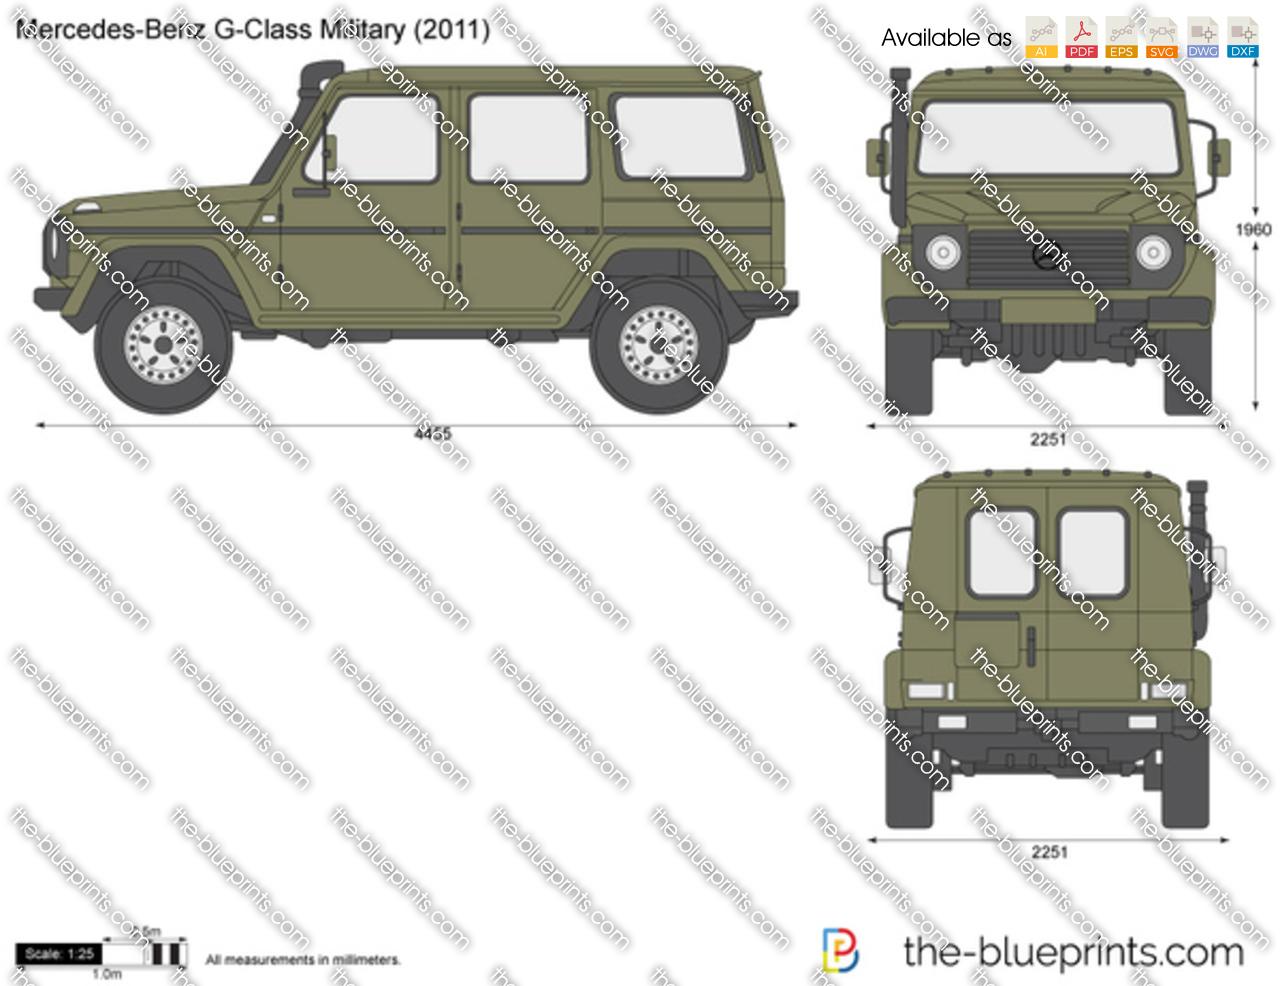 Mercedes-Benz G-Class Military 461 2002